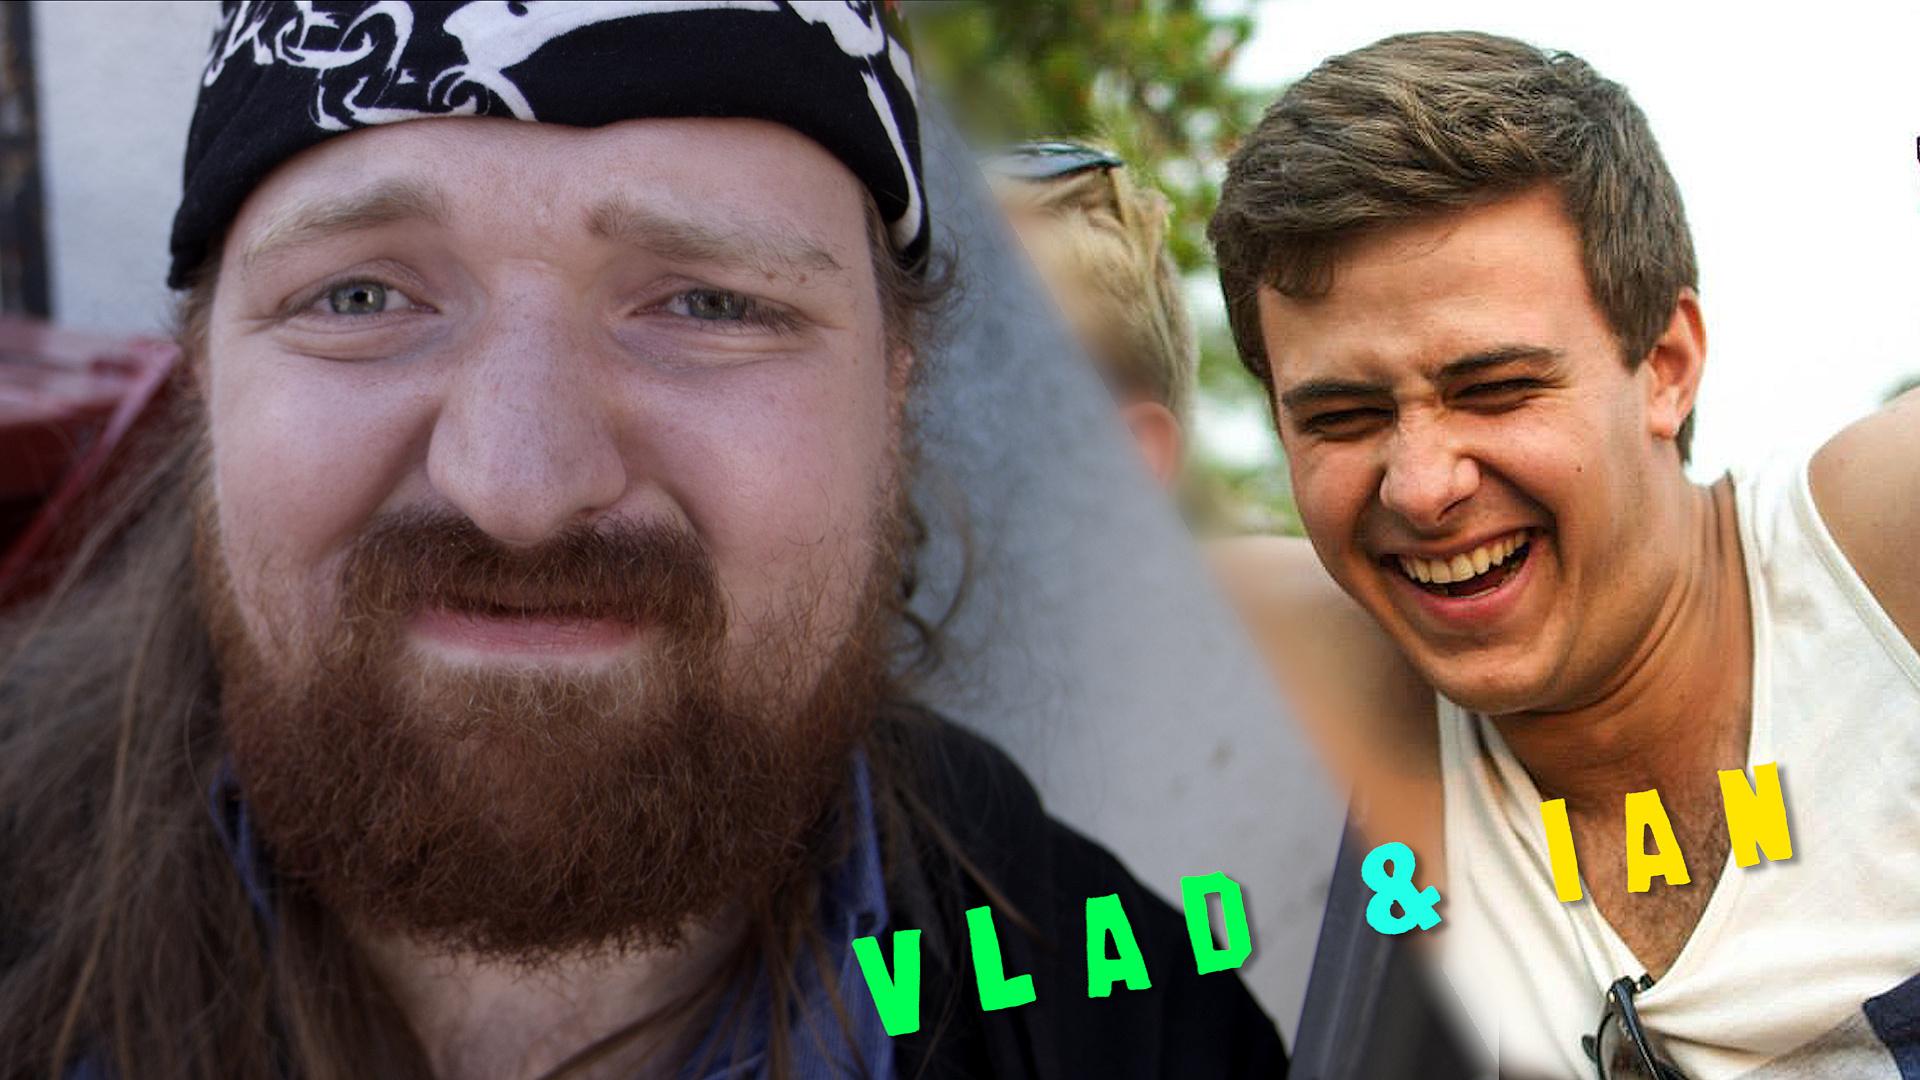 Vlad & Ian